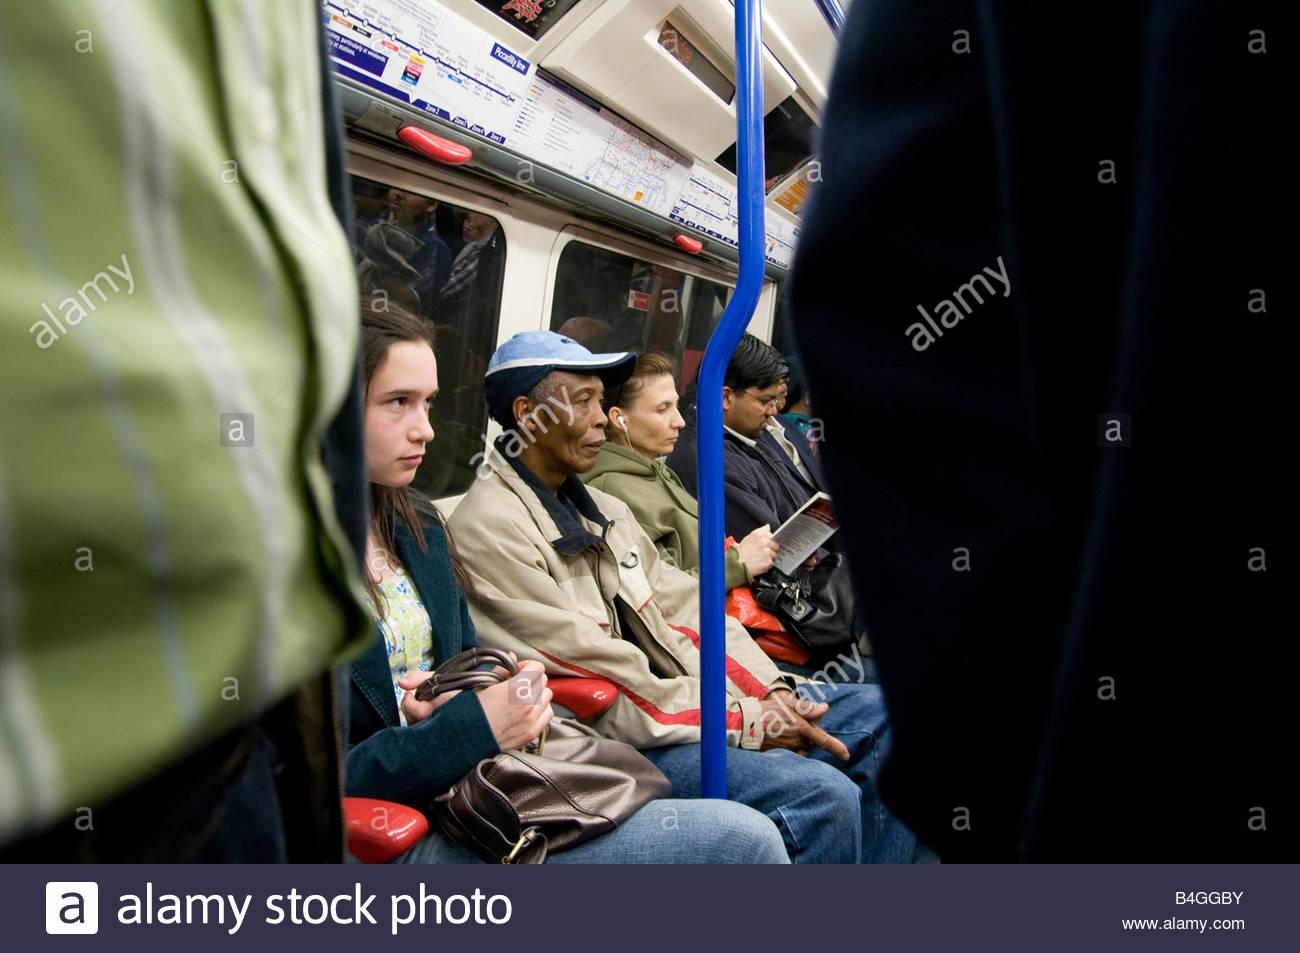 Les passagers d'un train du métro de Londres Photo Stock